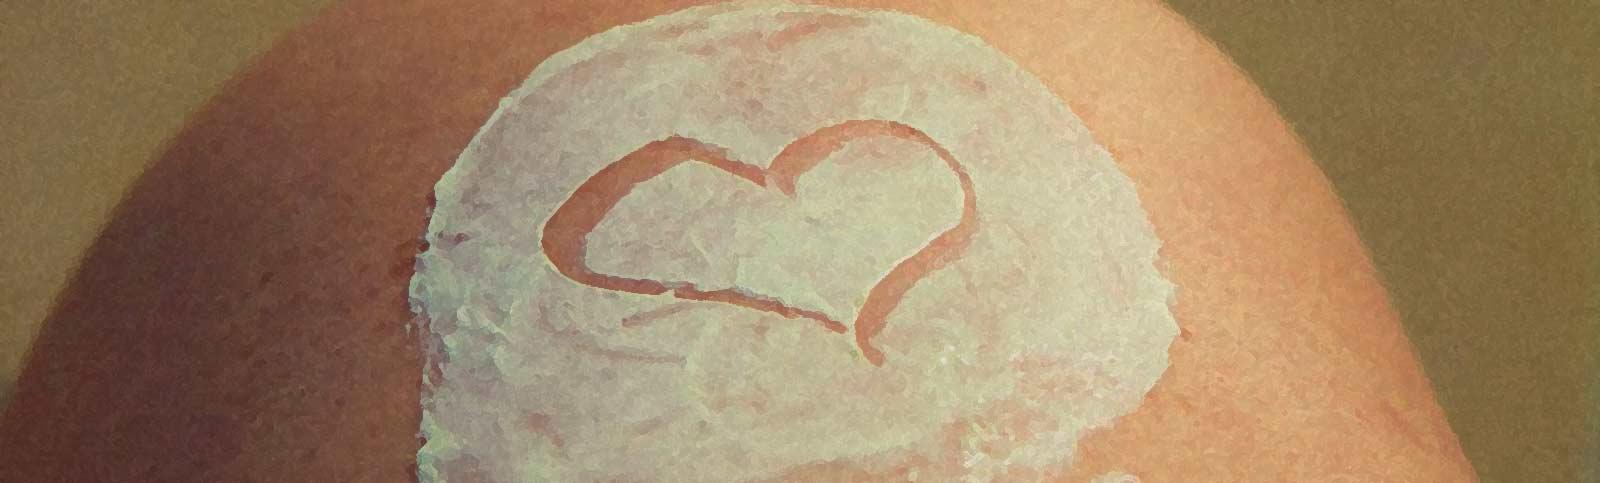 Keloid Scar 101: What It Is & How to Treat It